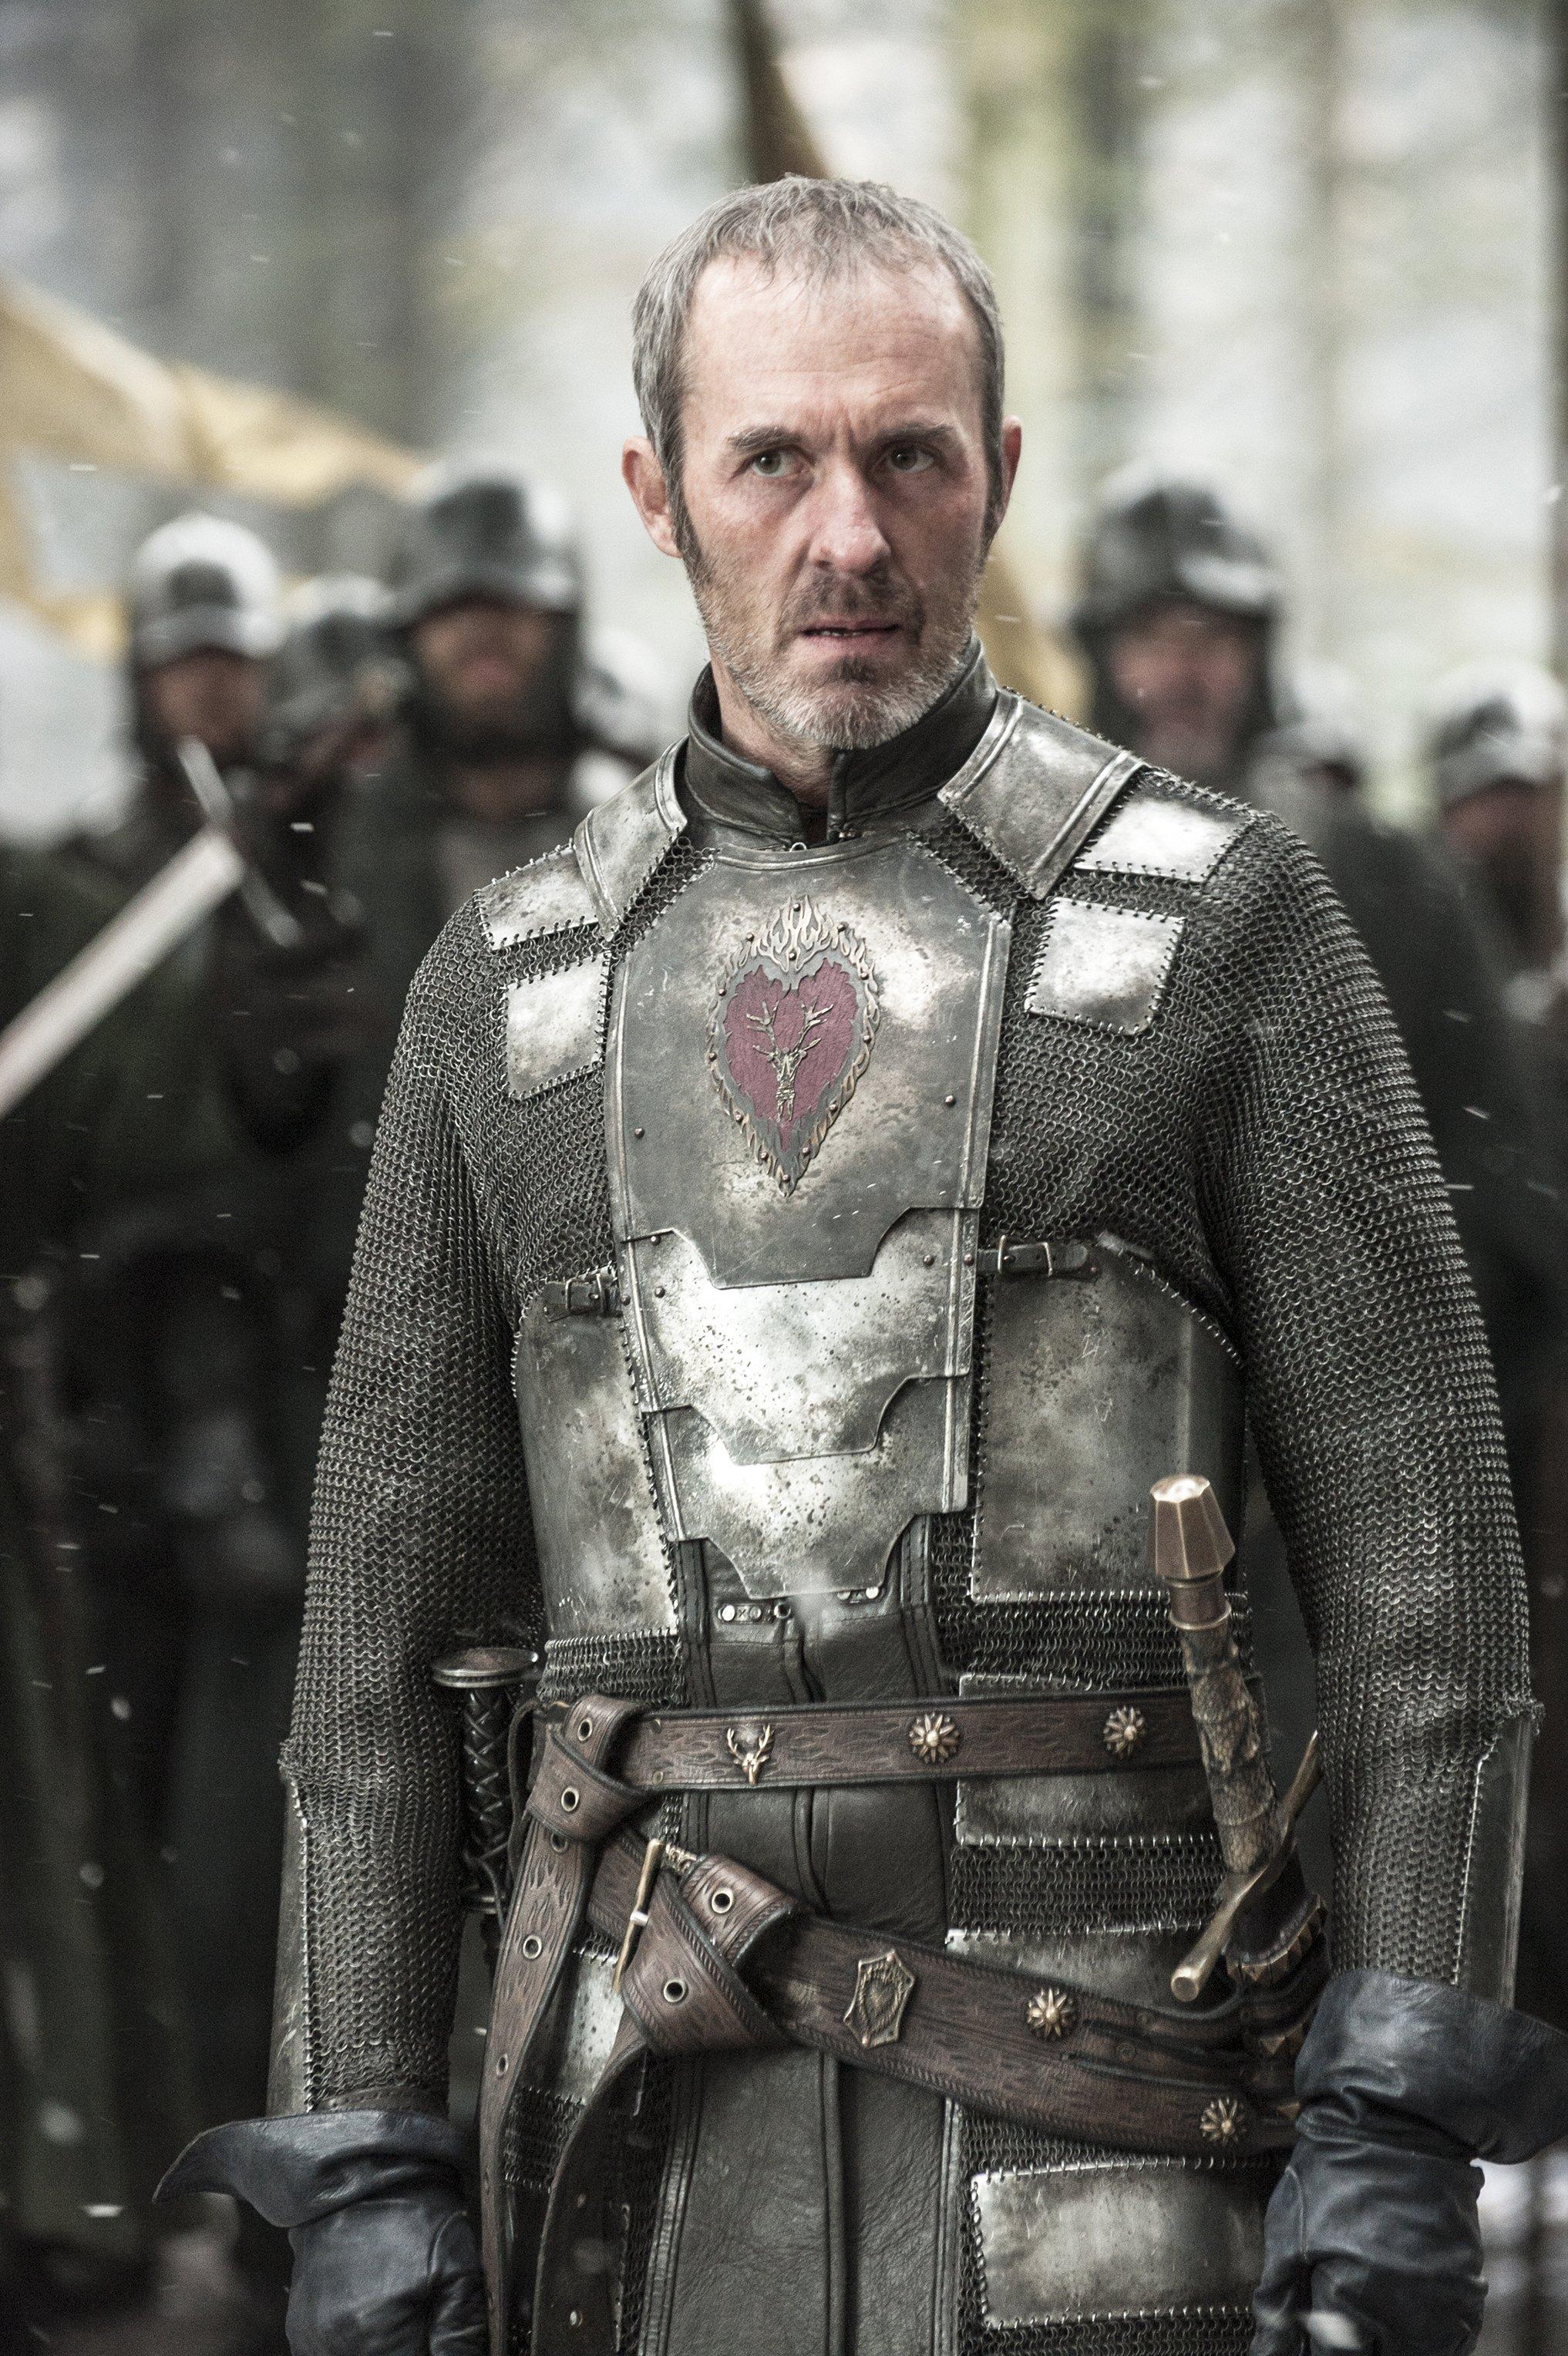 http://images6.fanpop.com/image/photos/38100000/Stannis-Baratheon-stannis-baratheon-38169928-2034-3056.jpg